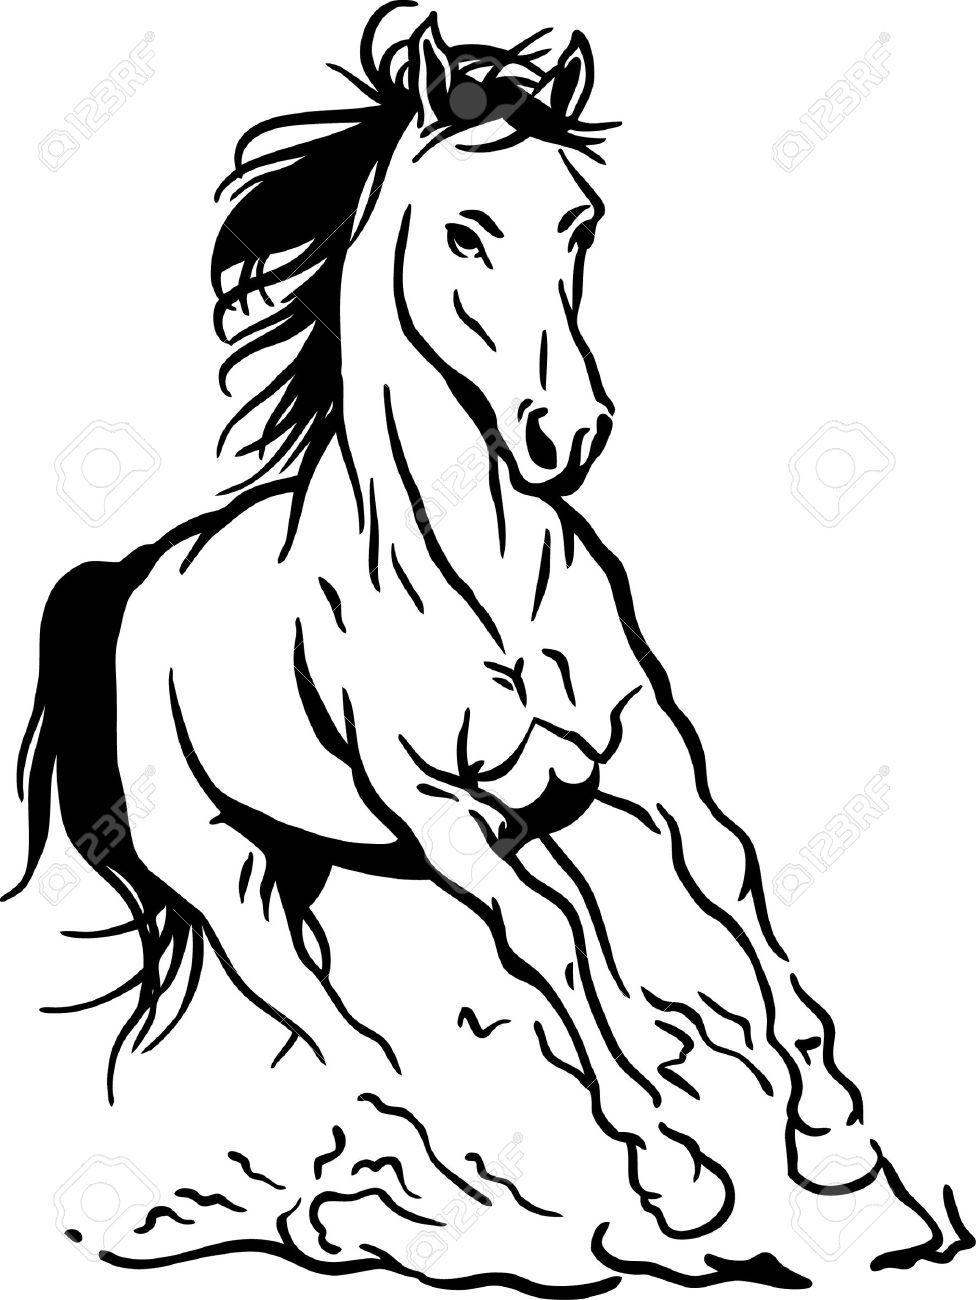 Running Horse Horse Wall Running Horses Horse Illustration